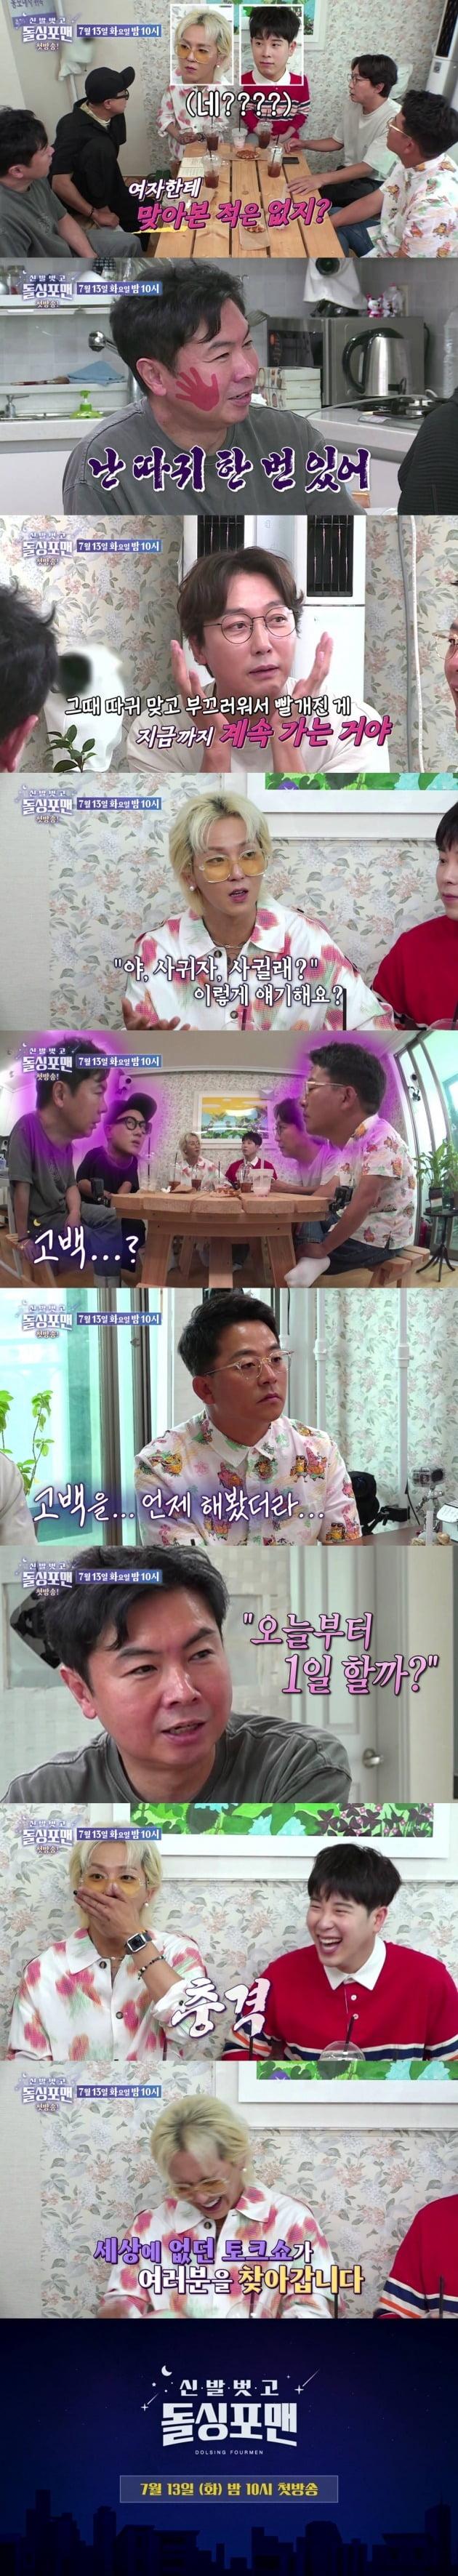 '돌싱포맨' ./사진제공=SBS